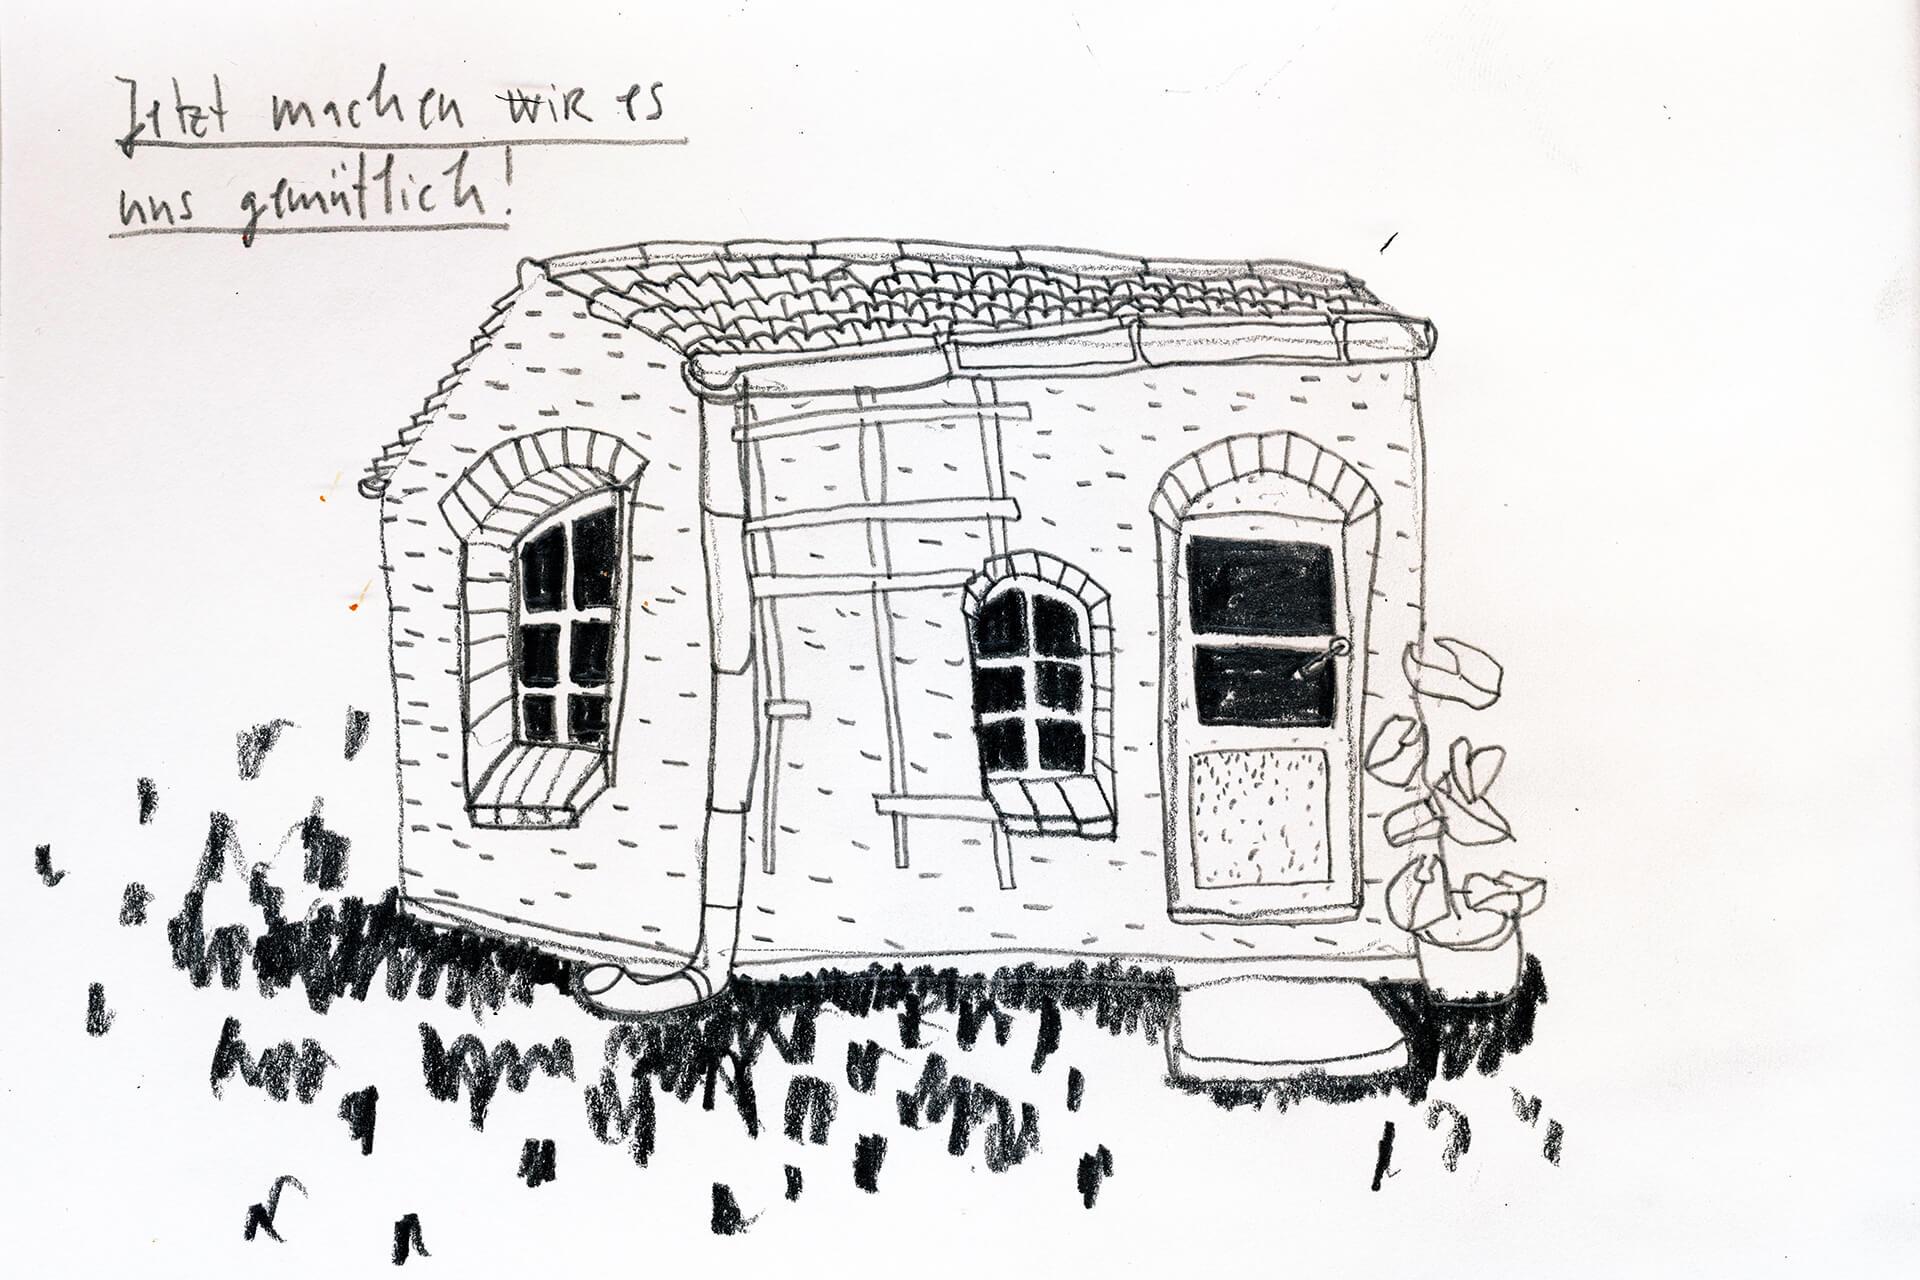 Matrosenhunde Illustration Zeichnung Illustratorin Text Prosa Wochenkalender Jetzt machen wir es uns gemütlich